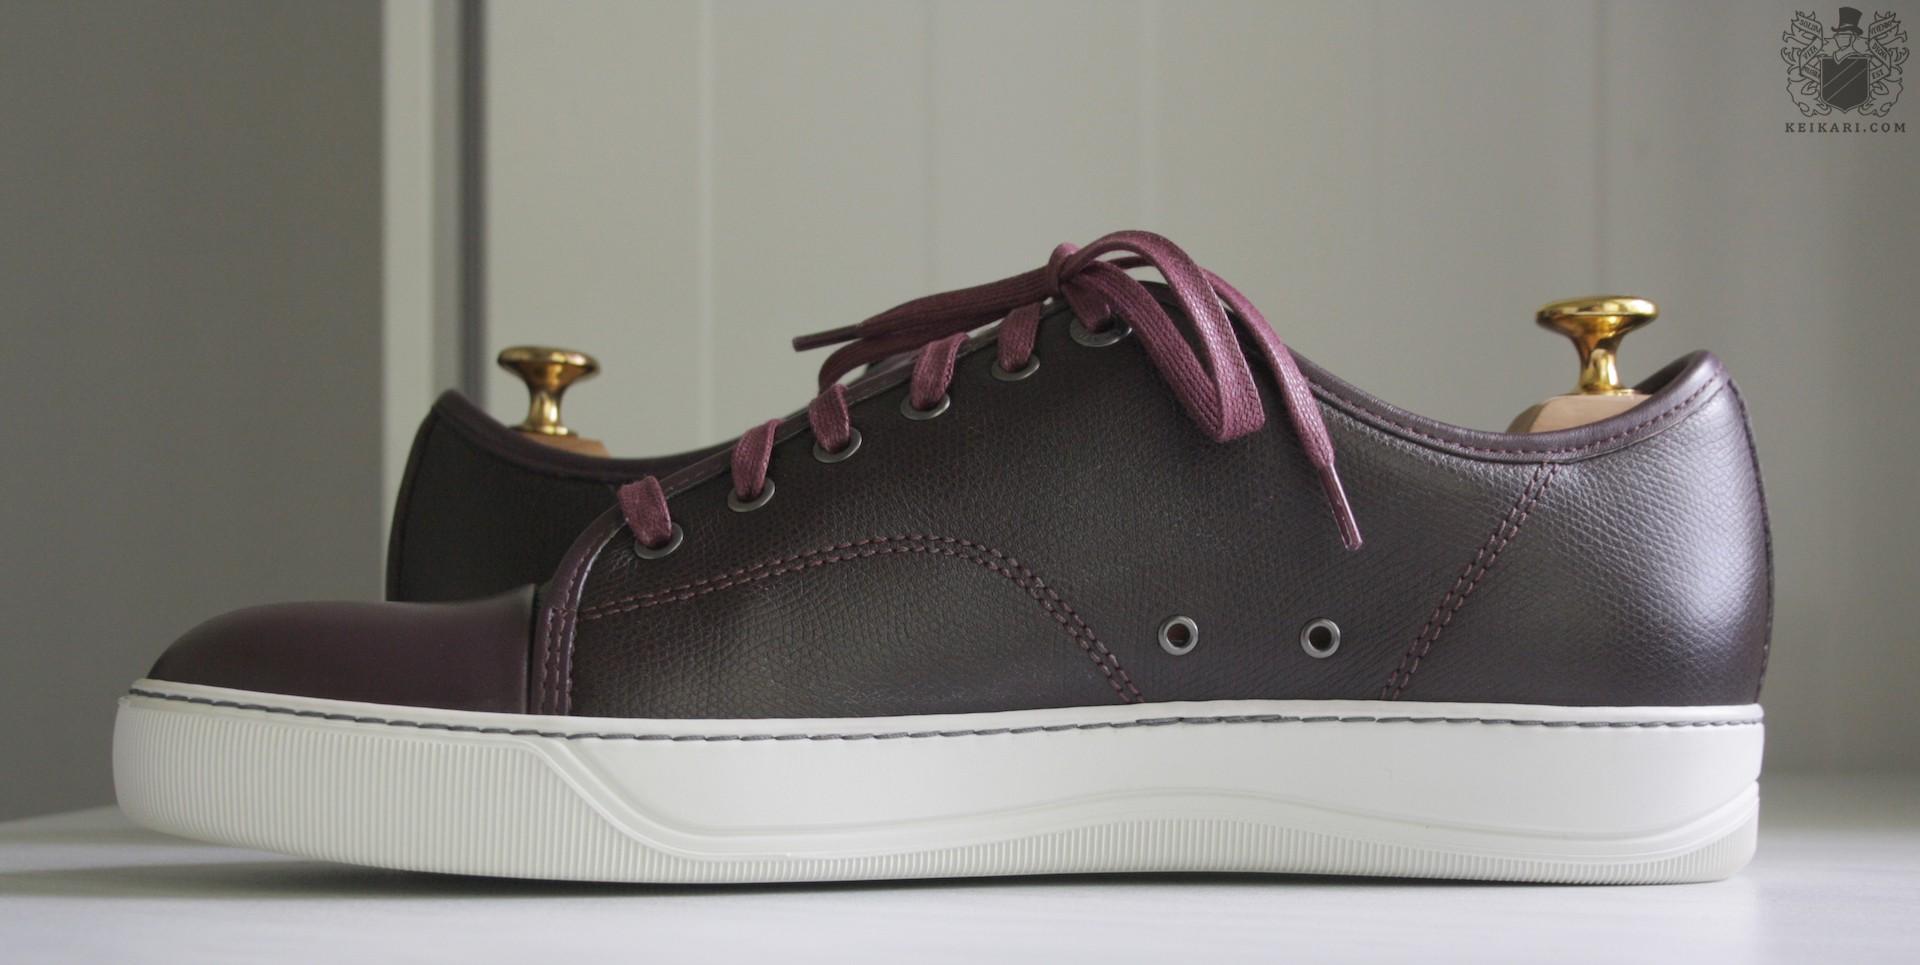 Anatomy_and_review_of_Lanvin_sneakers_at_Keikari_dot_com07.jpg